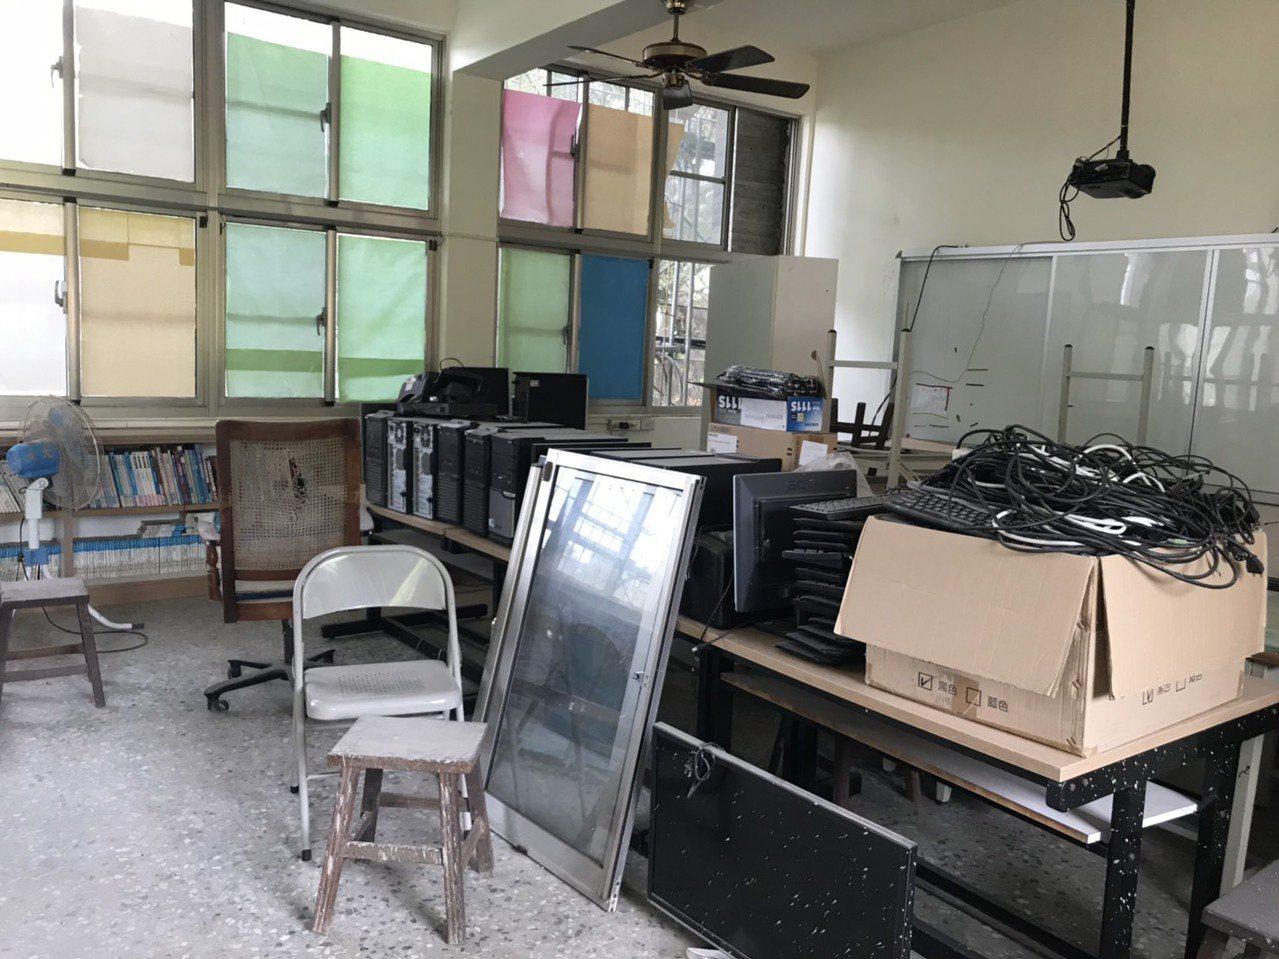 偏鄉學校的圖書室成為「被遺忘的角落」,有的是書布滿厚厚灰塵堆在角落,根本沒有專業...